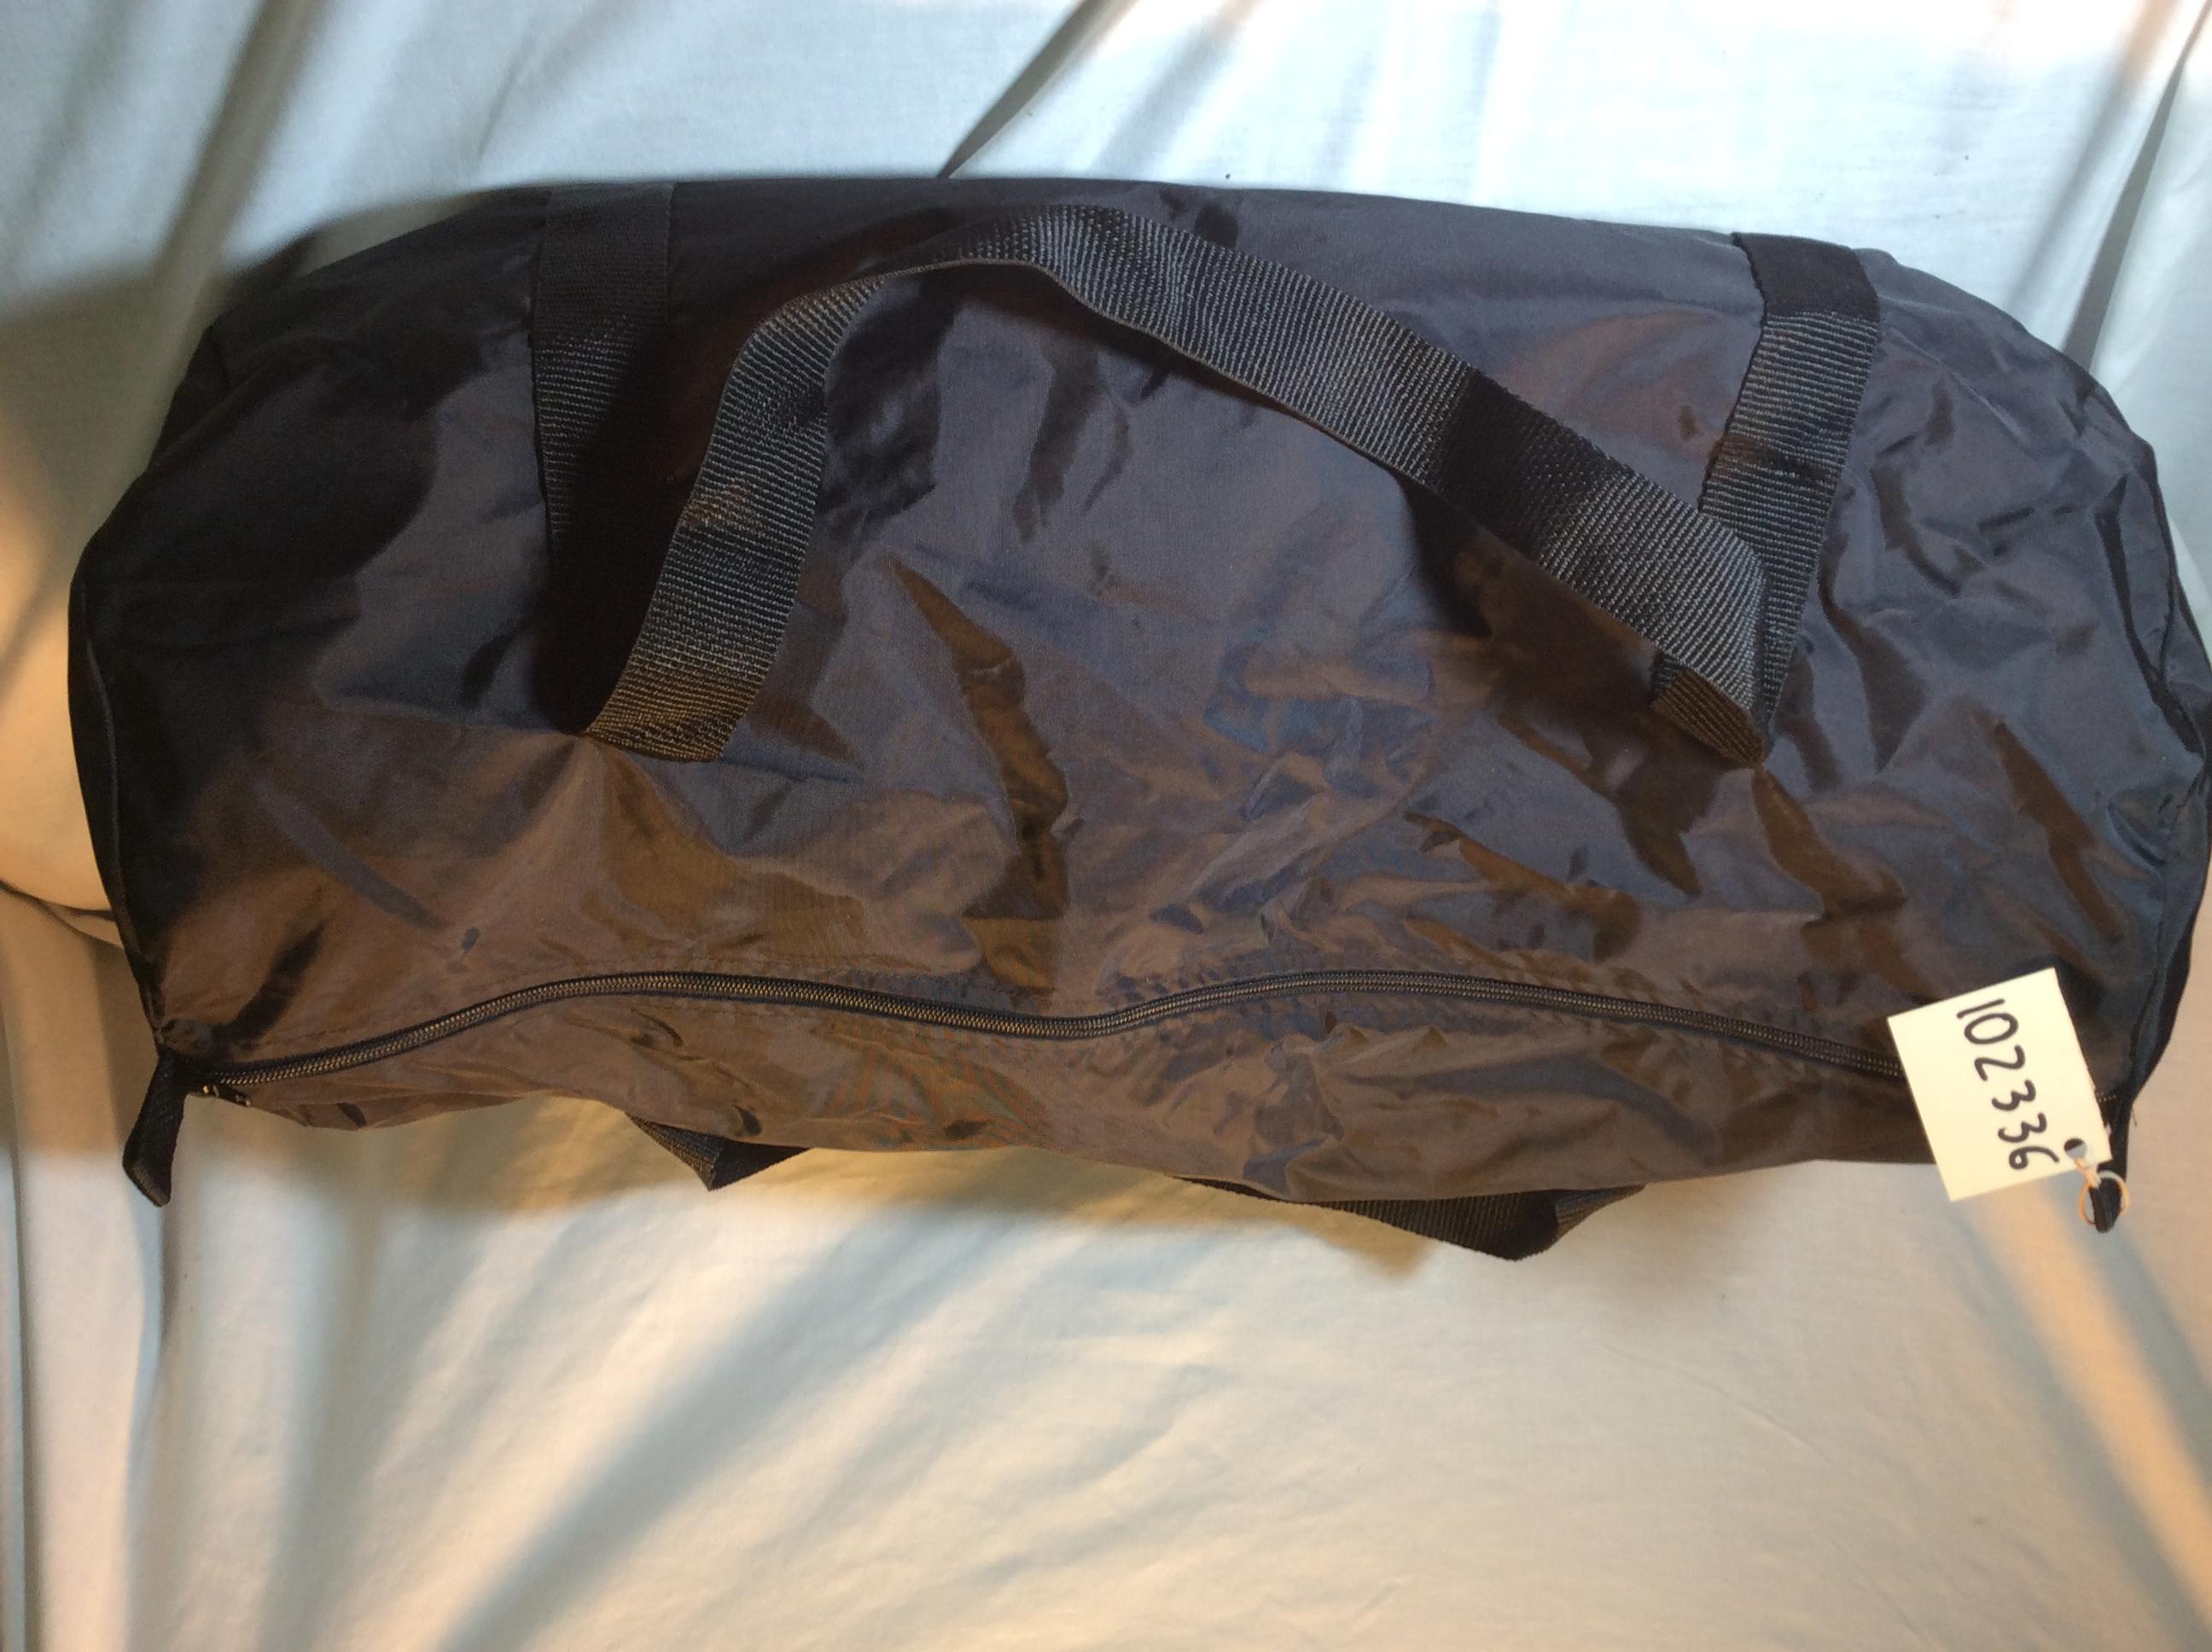 Simple Black Duffle Bag